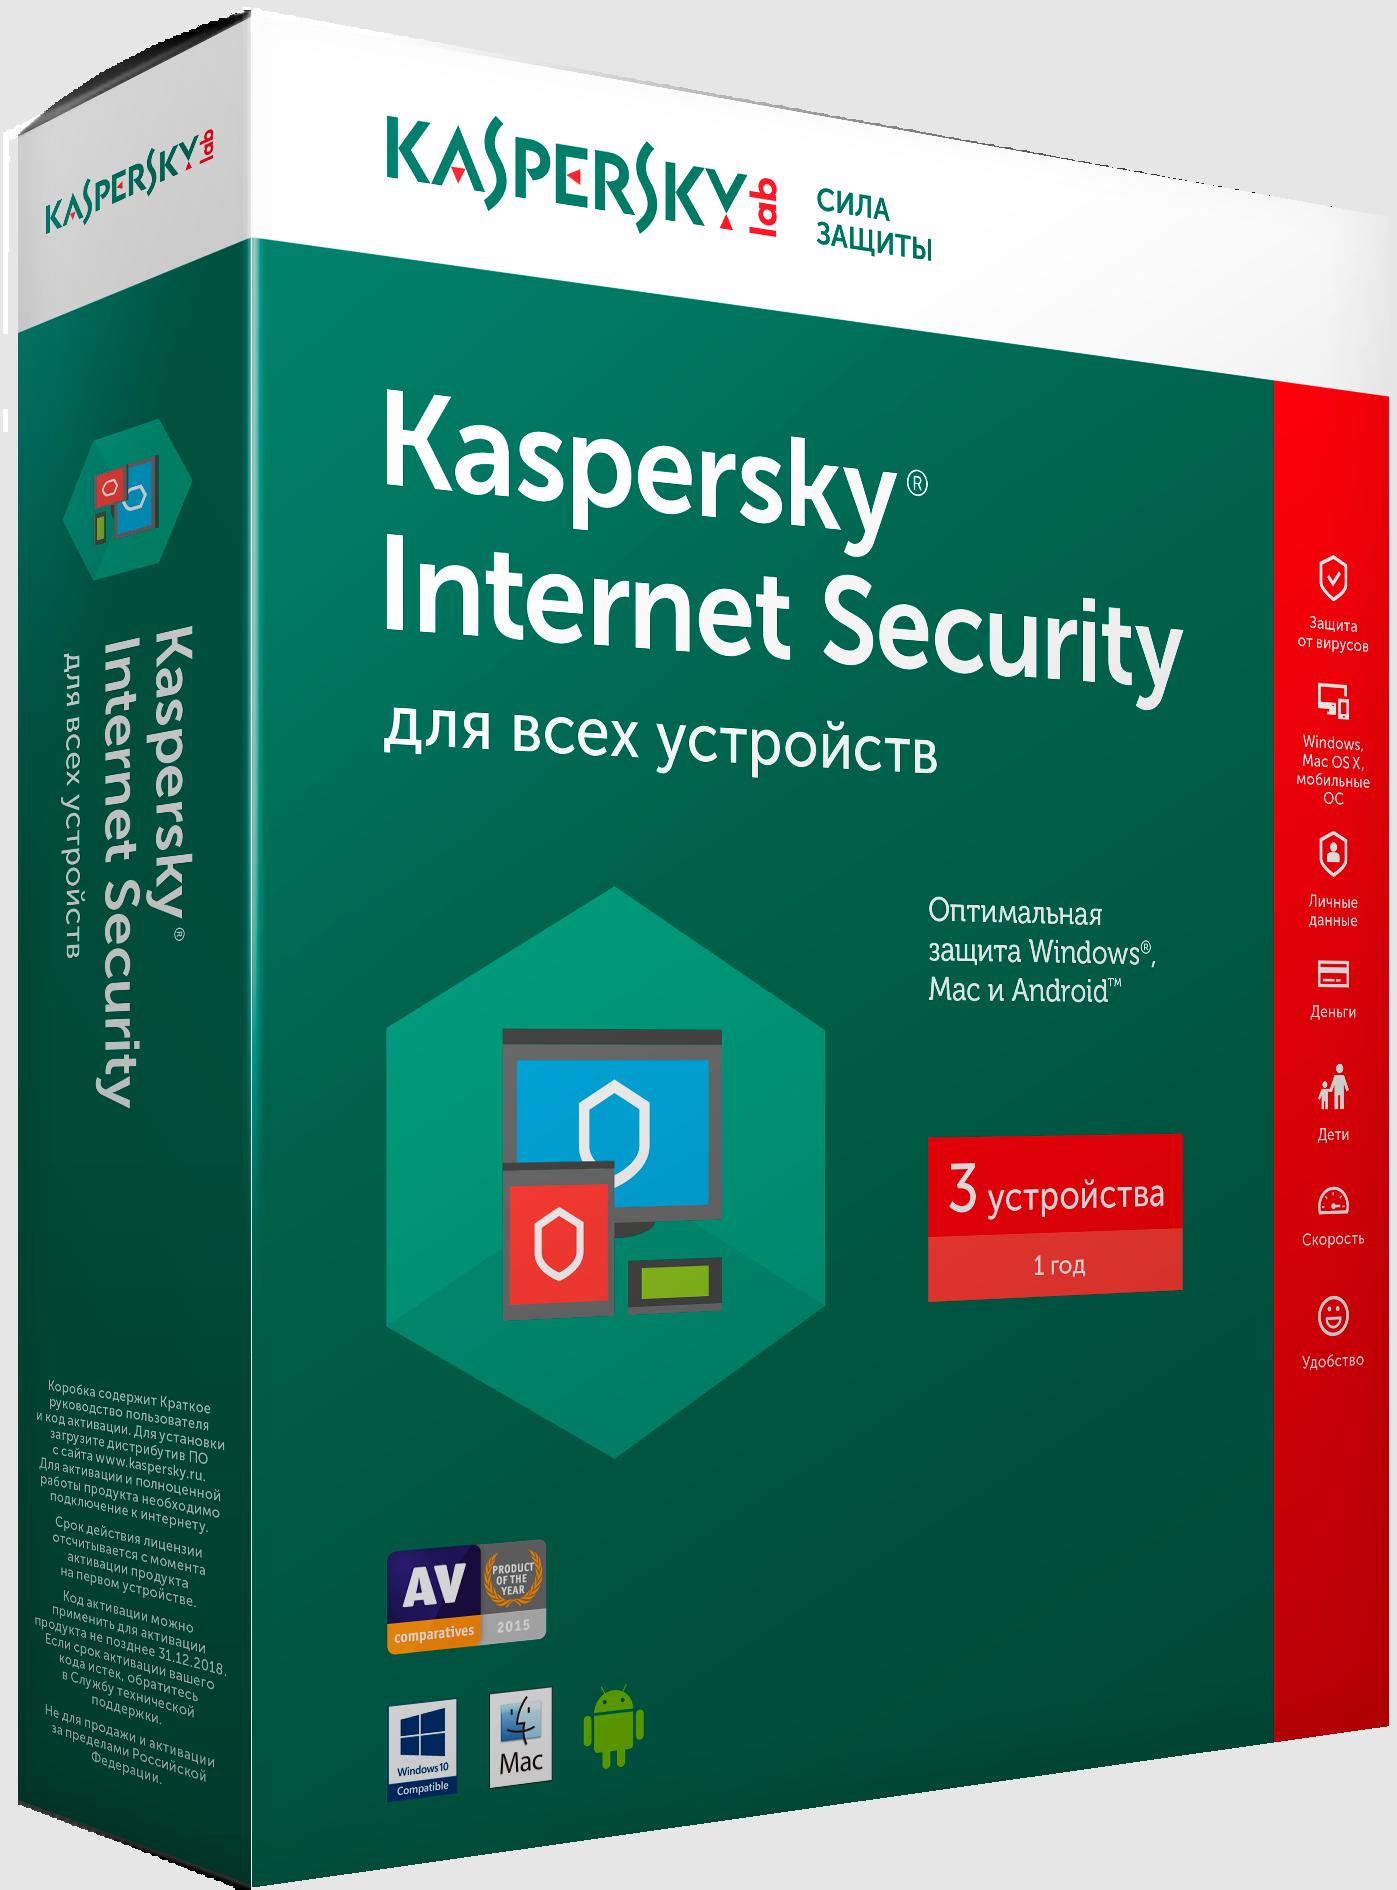 Kaspersky Internet Security для всех устройств (3 устройства, 1 год)Kaspersky Internet Security для всех устройств – единое комплексное решение для защиты любых устройств на платформах Windows, Android и Mac OS.<br>